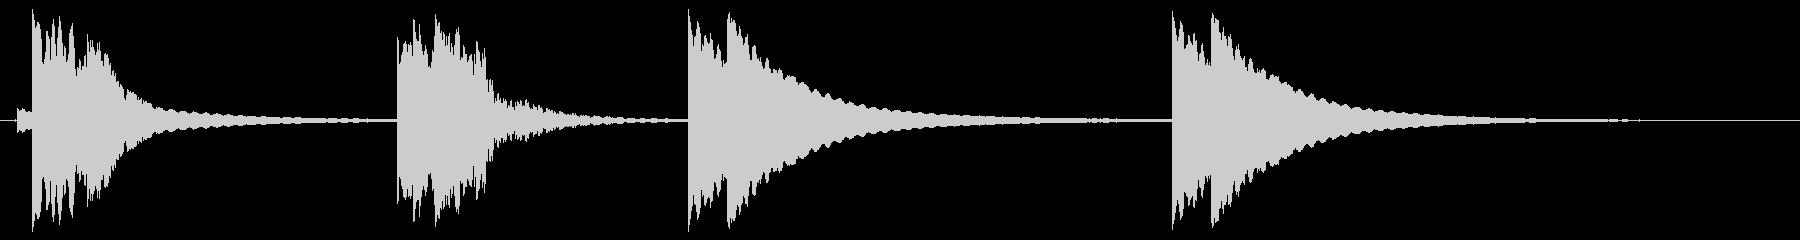 ショップベル;ショップドアリング用...の未再生の波形